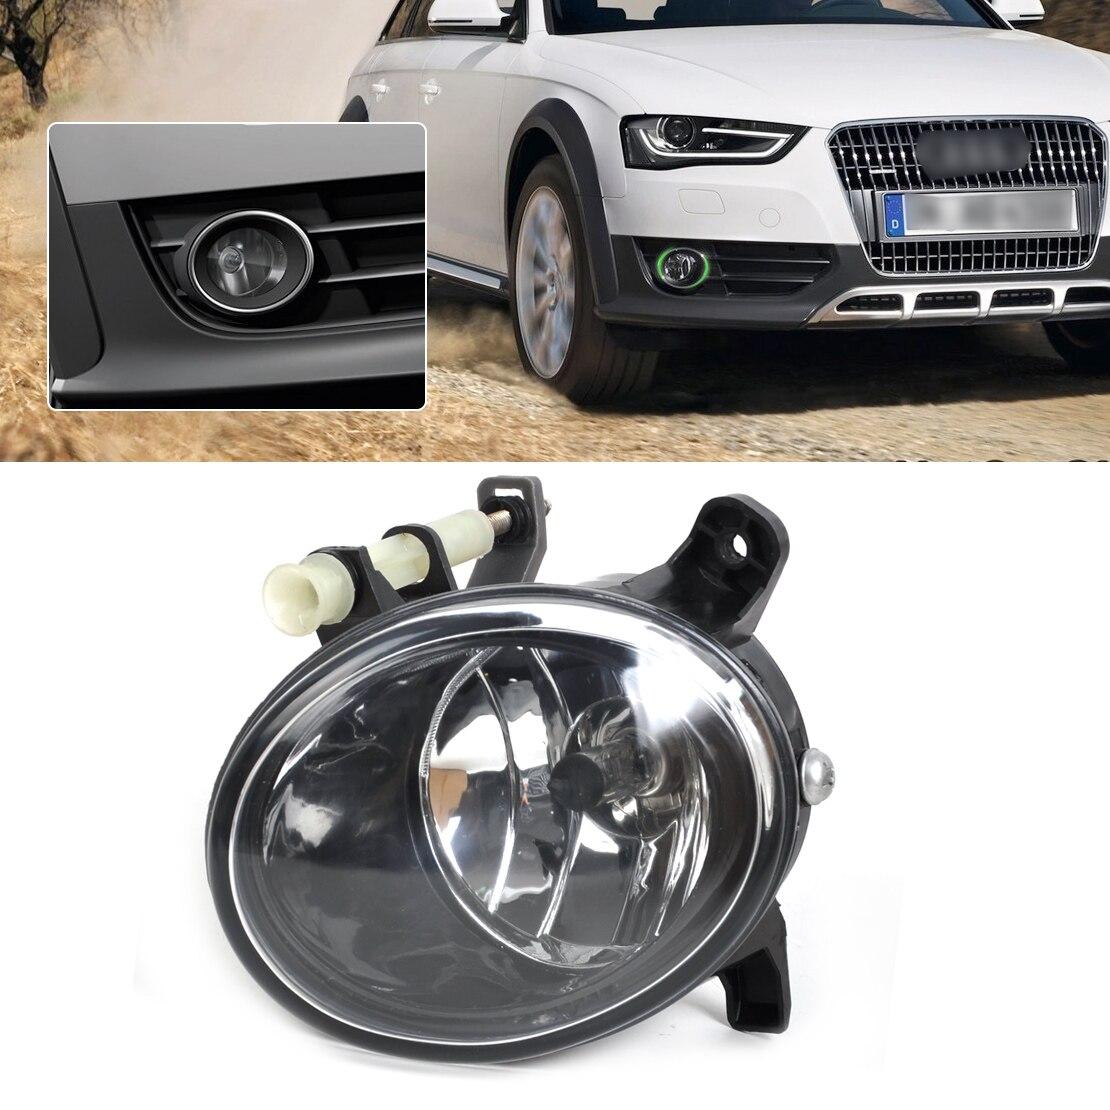 DWCX 8T0941700B Front Right Fog Light Lamp for Audi A4 B8 / S4 / A4 Allroad / A6 C6 / S6 / A5 / S5 / Q5 1pcs t10 6smd error free front side maker light parking light lamp bulb for audi a2 8l 8p a4 a6 4b 4f a8 d2 tt q3 q5 c5 c6 c7 s4